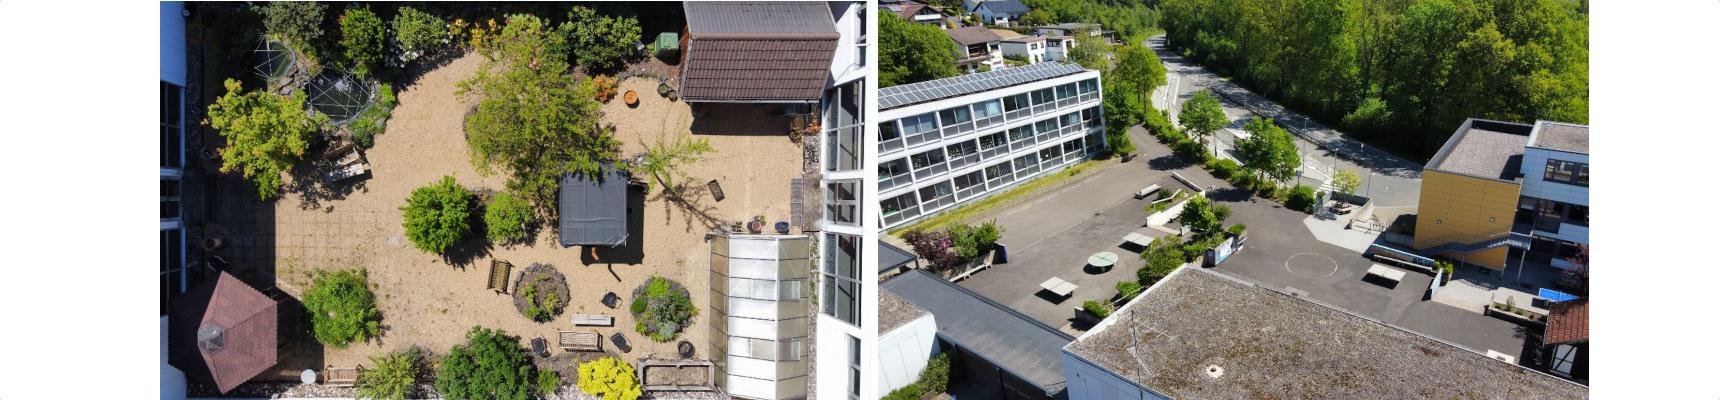 Drohnenflug übers Schulgelände